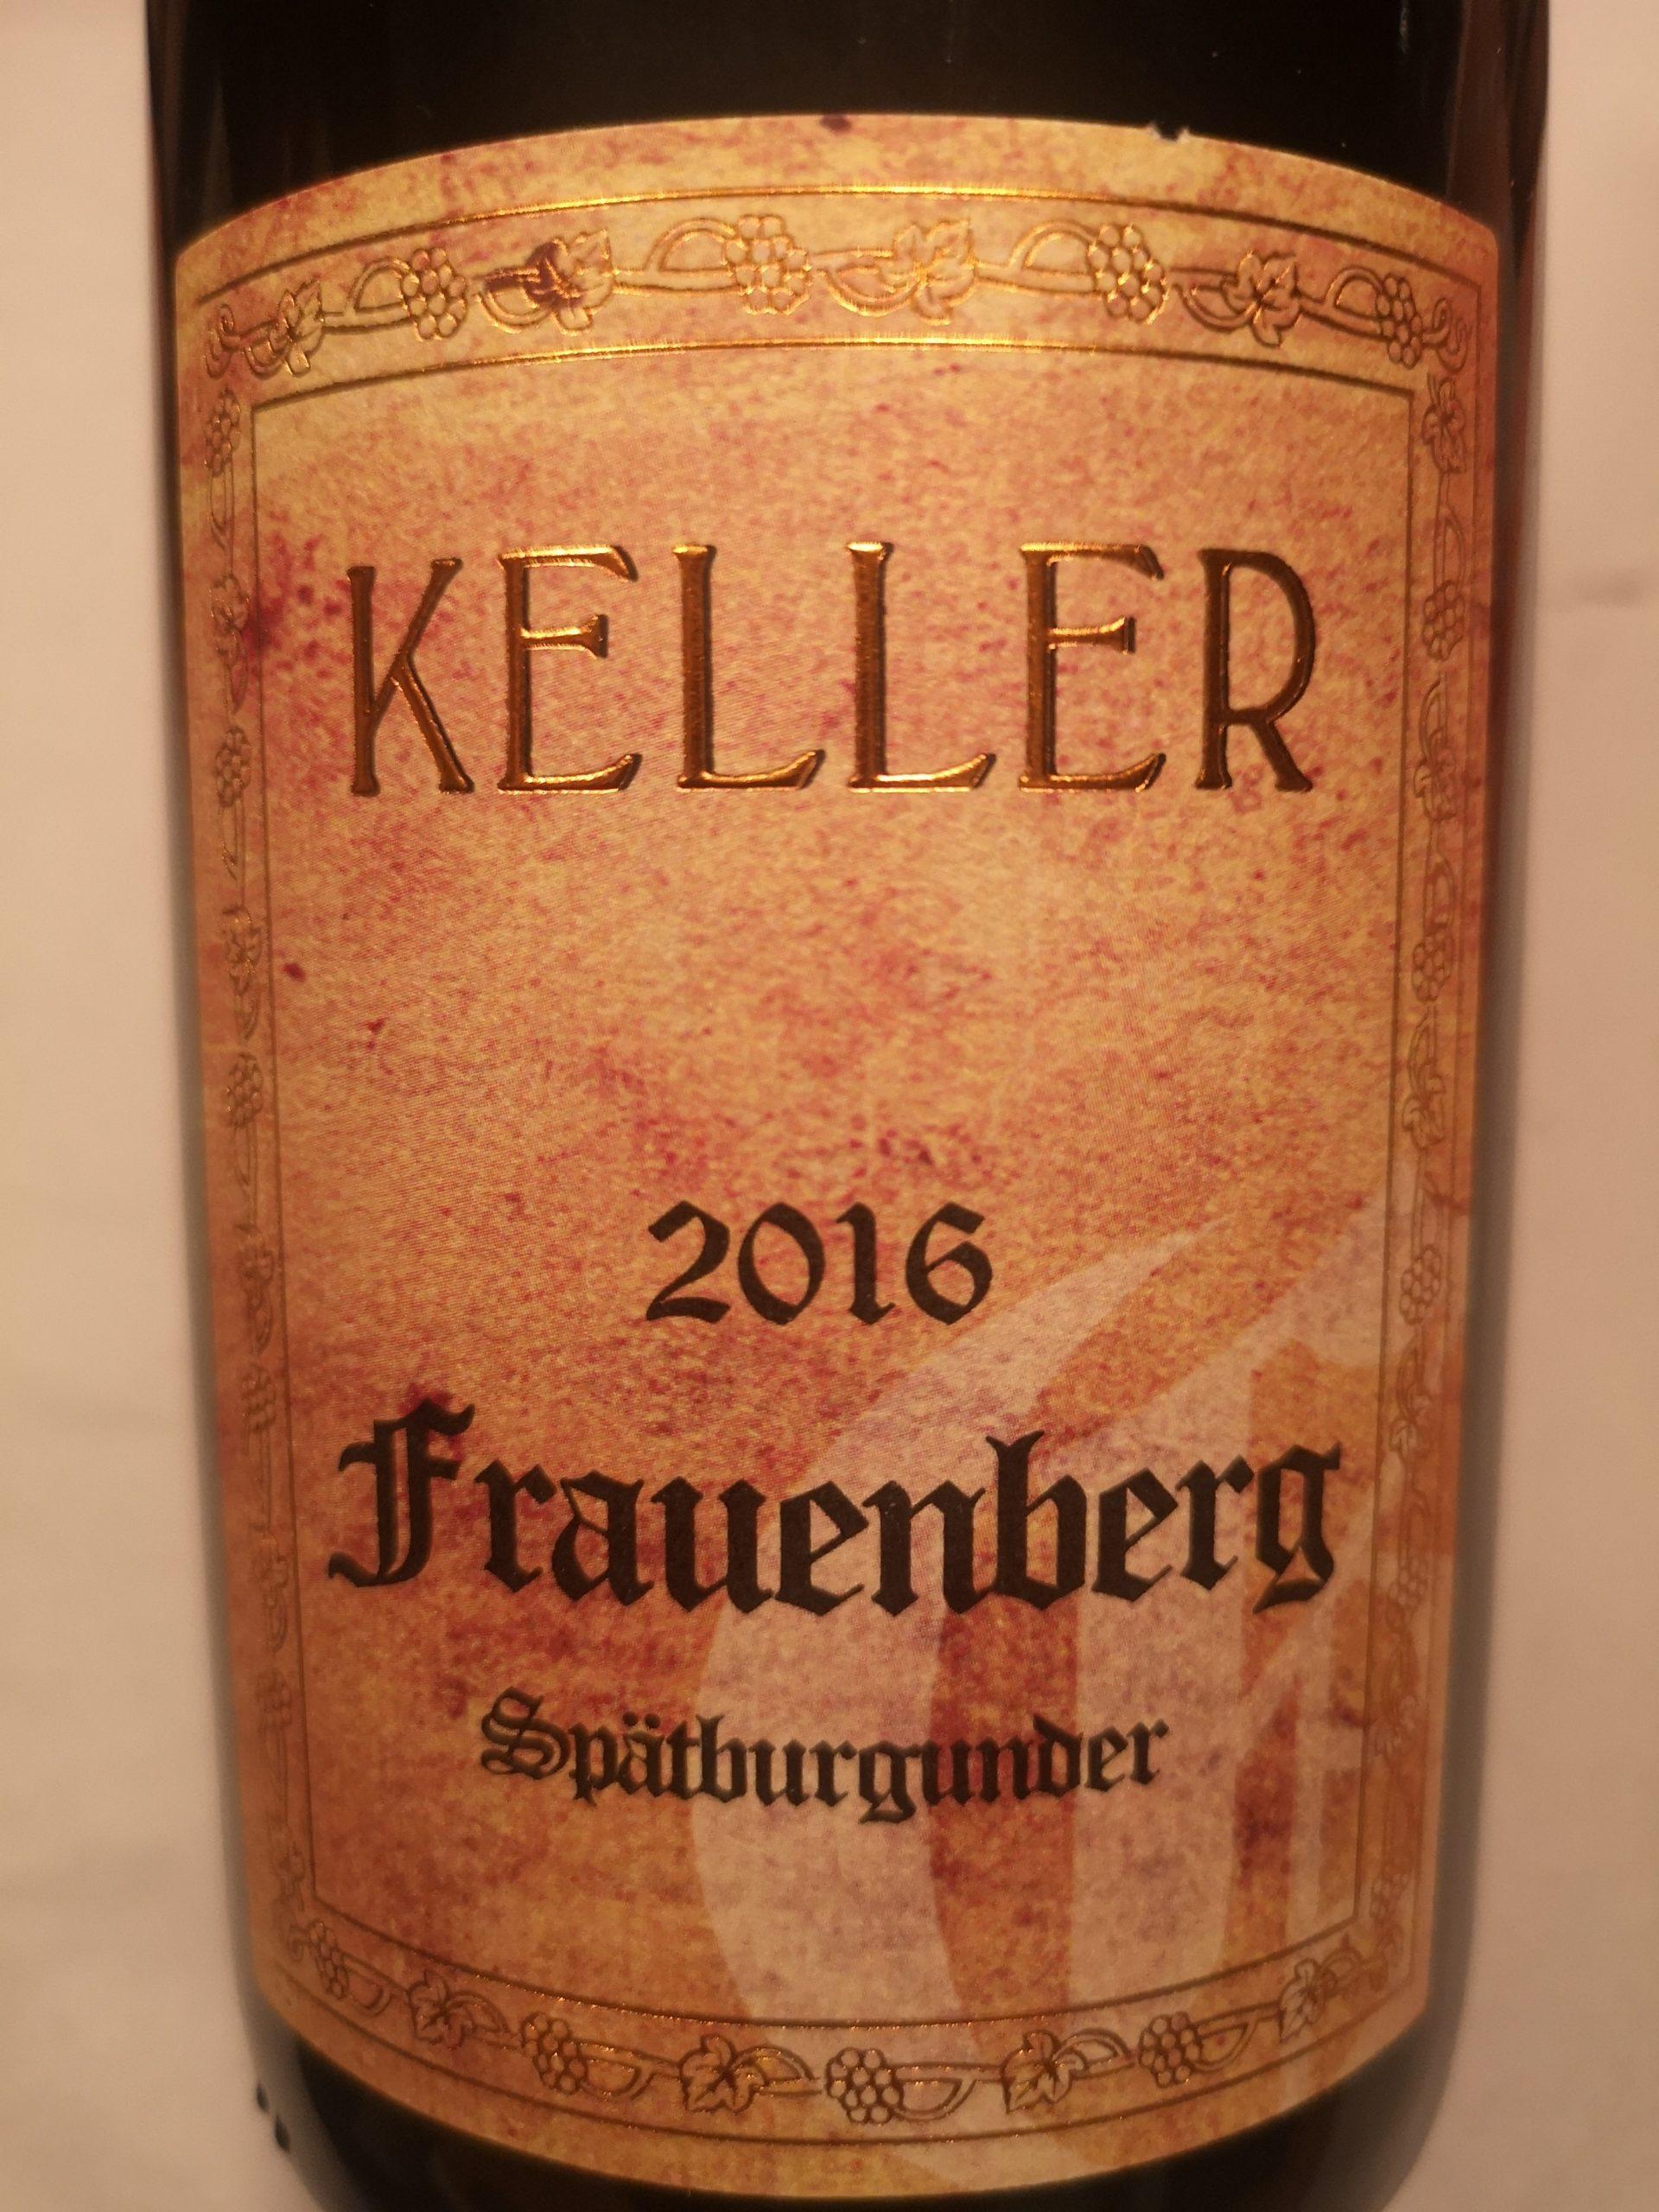 2016 Spätburgunder Frauenberg GG   Keller